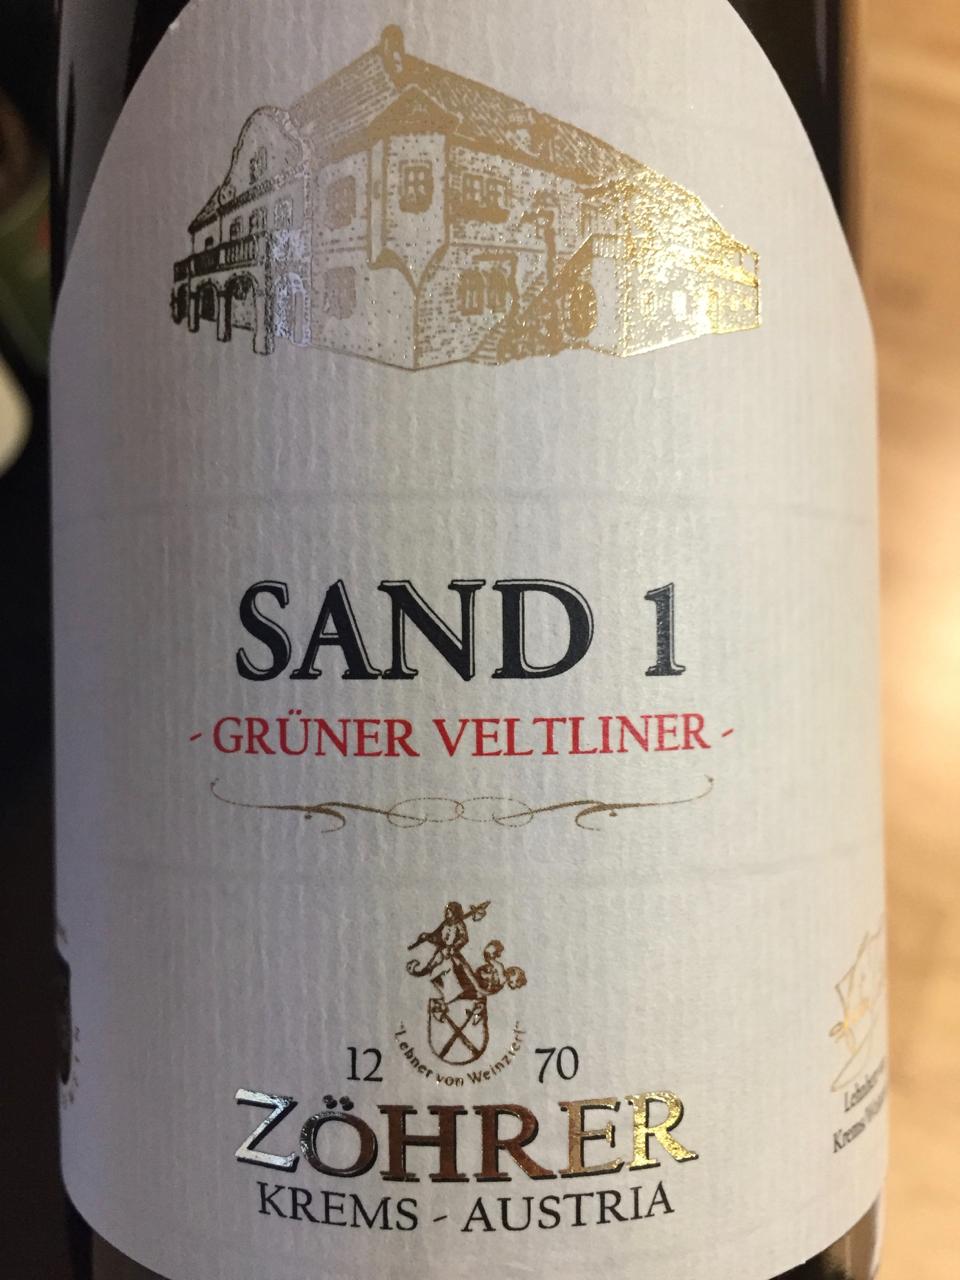 Grüner Veltliner (1).jpg